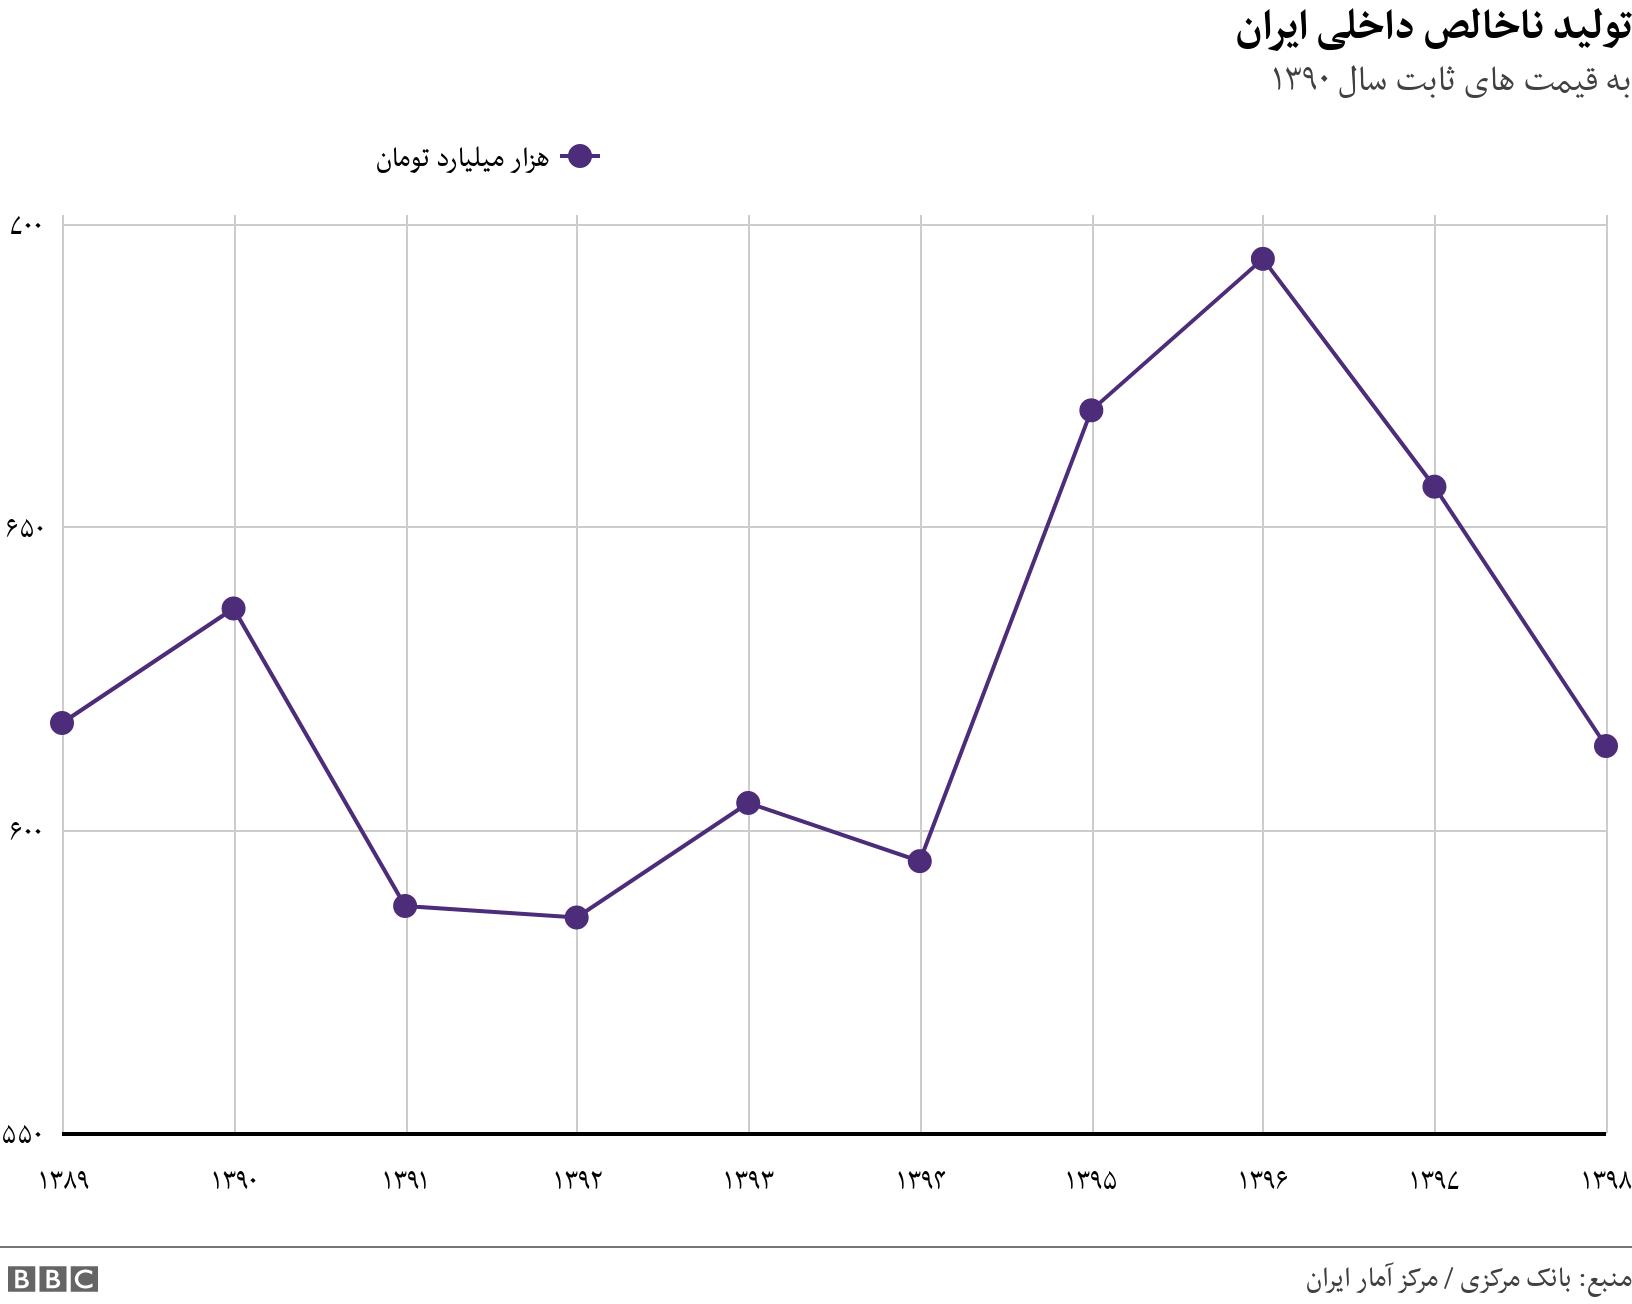 تولید ناخالص داخلی ایران. به قیمت های ثابت سال ۱۳۹۰.  .